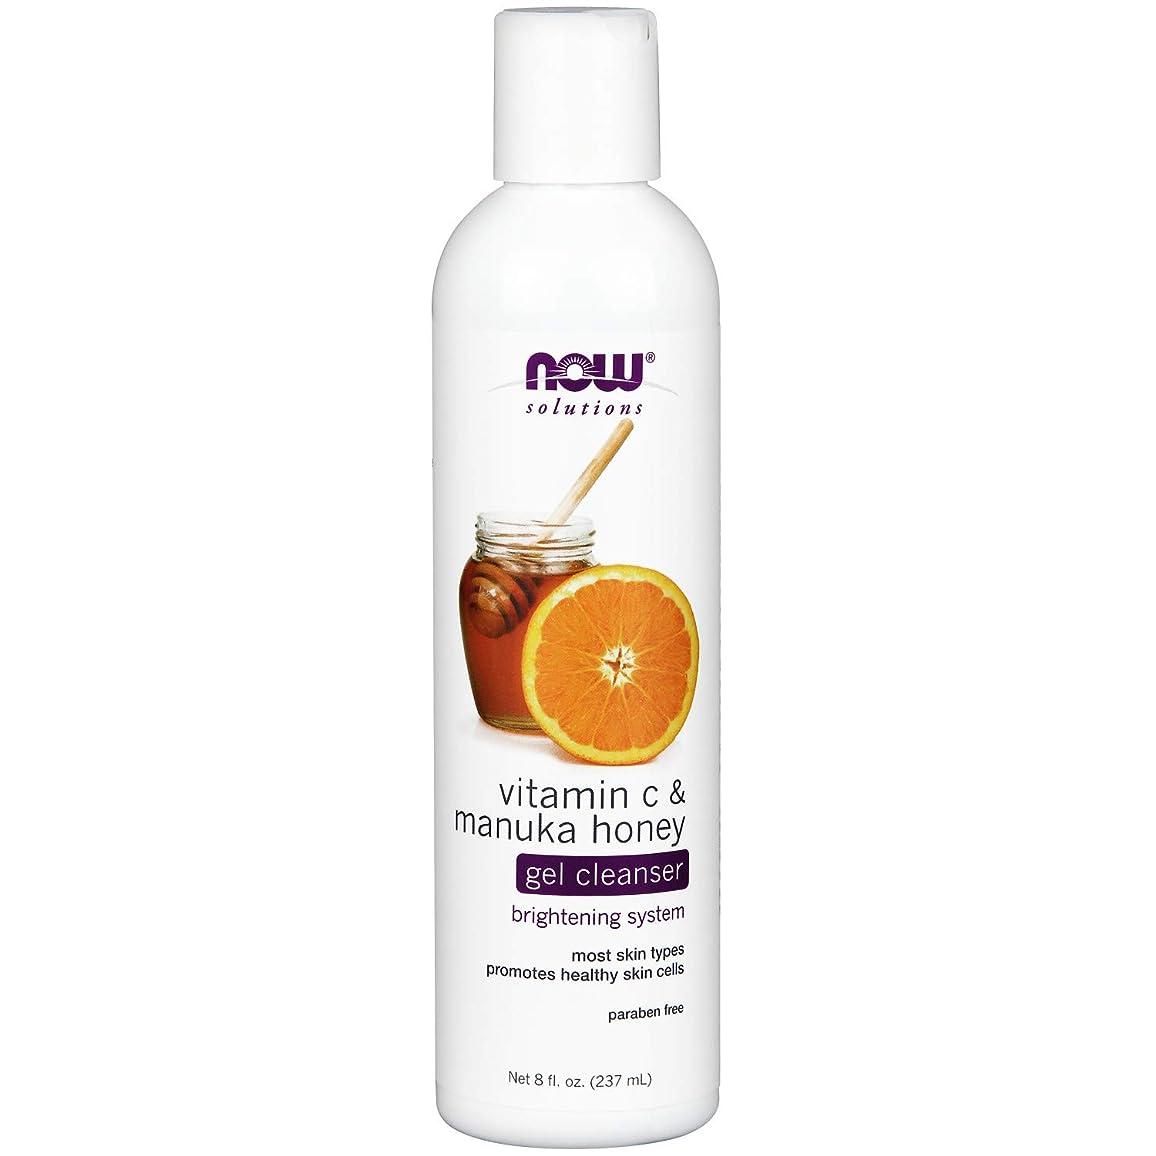 泣き叫ぶ書くパースブラックボロウNOW Vitamin C & Manuka Honey Gel Cleanser - 8 fl. oz. ビタミンC&マヌカハニー配合のジェルタイプ洗顔 ~海外直送品~